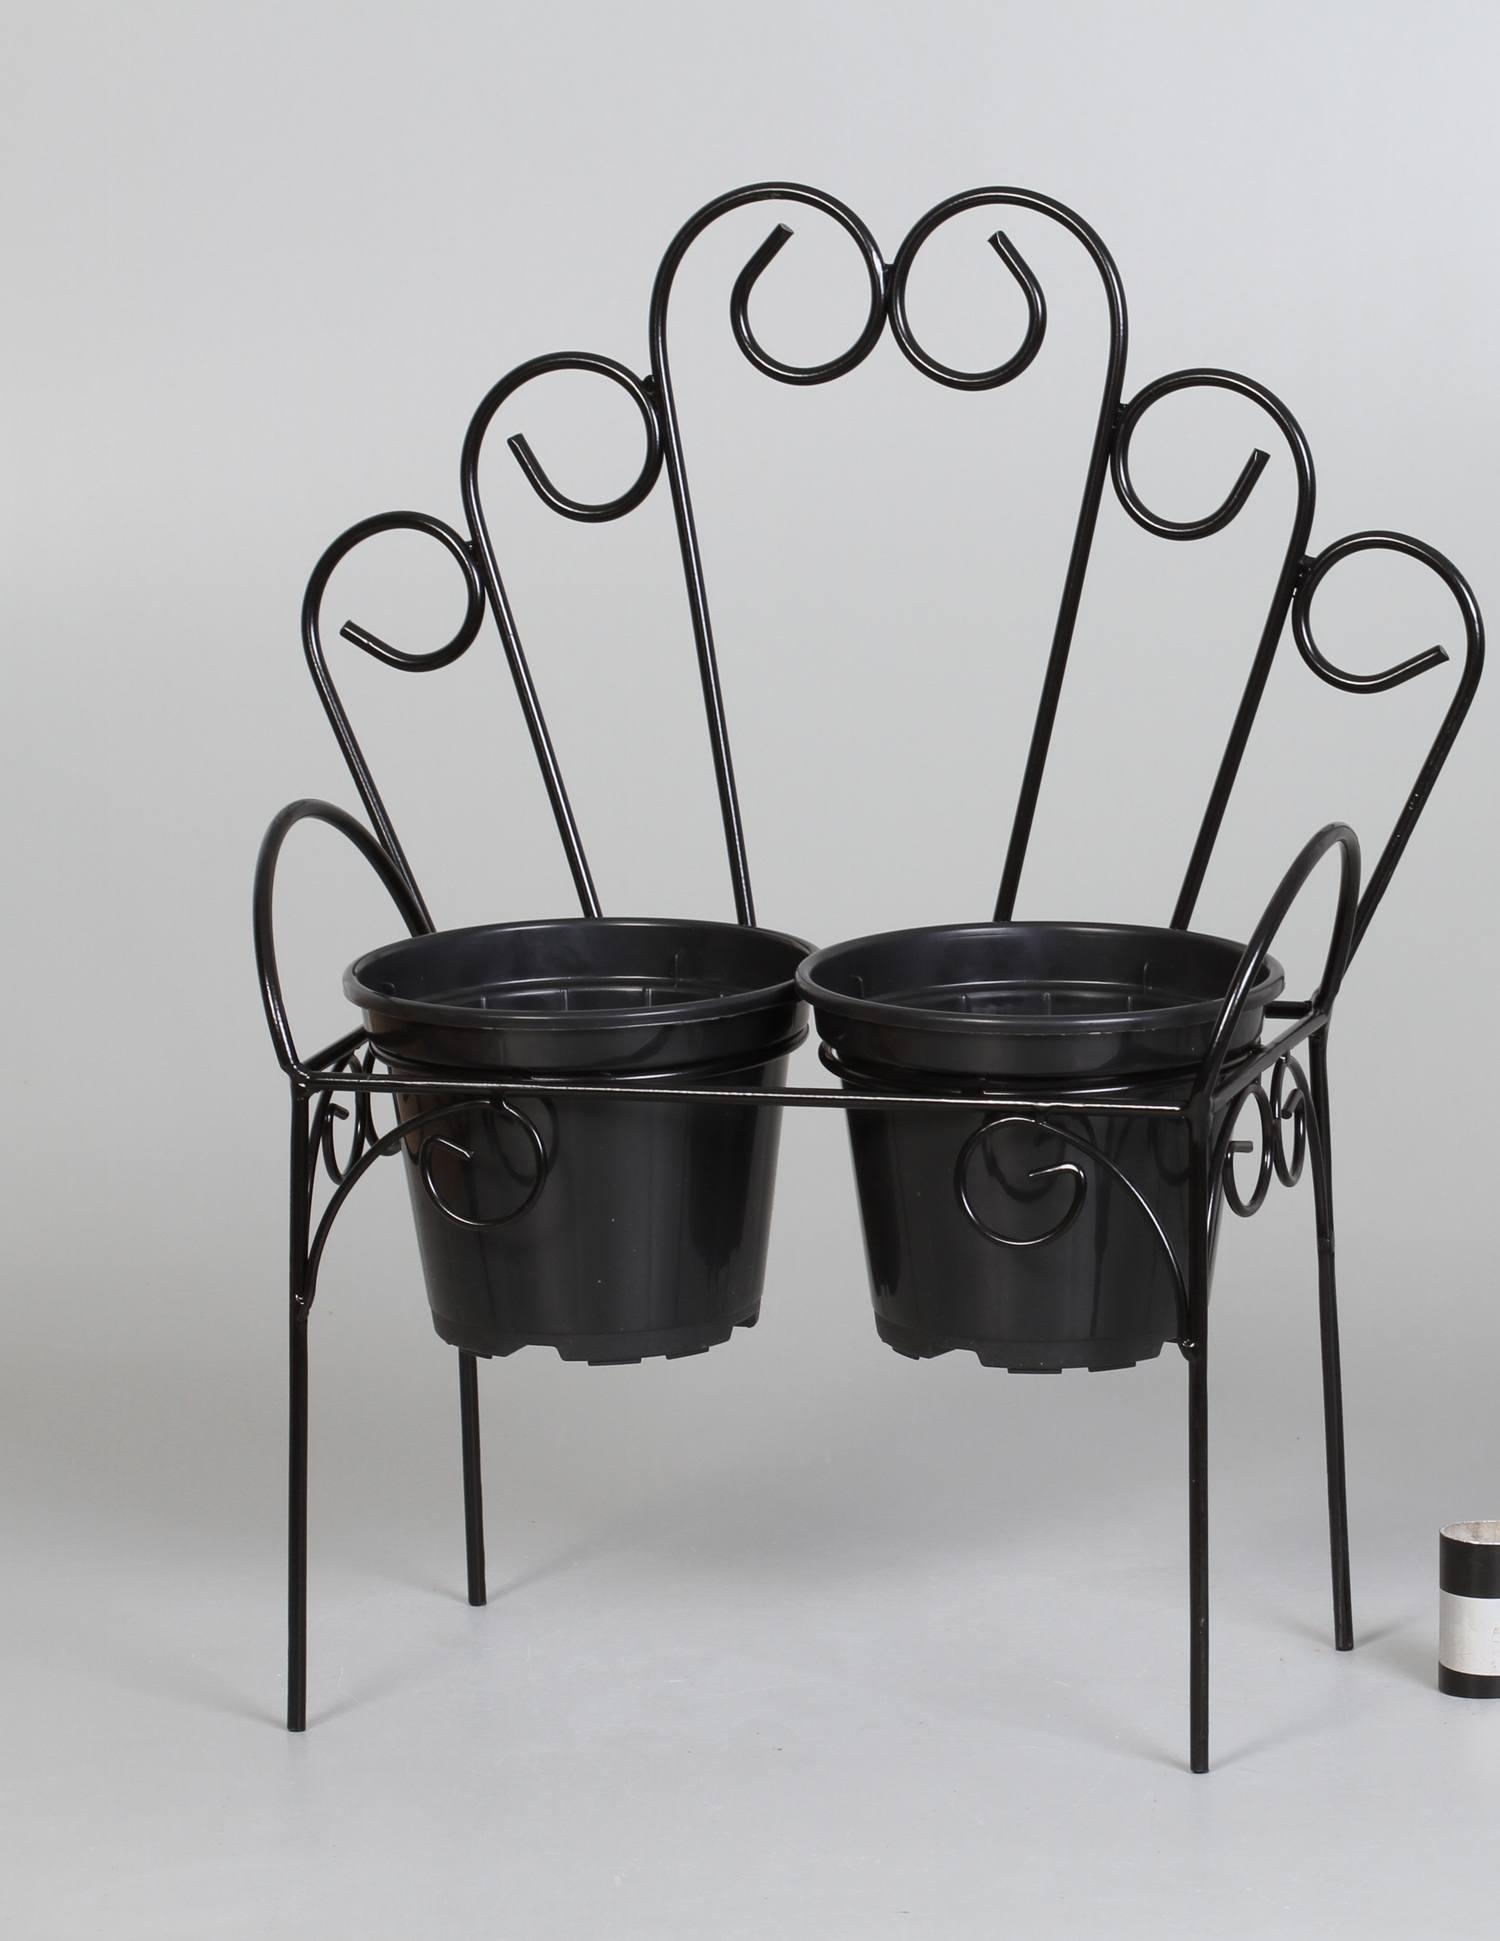 2 suportes cachepots cadeirinha arcos preto (inclui cachepots)